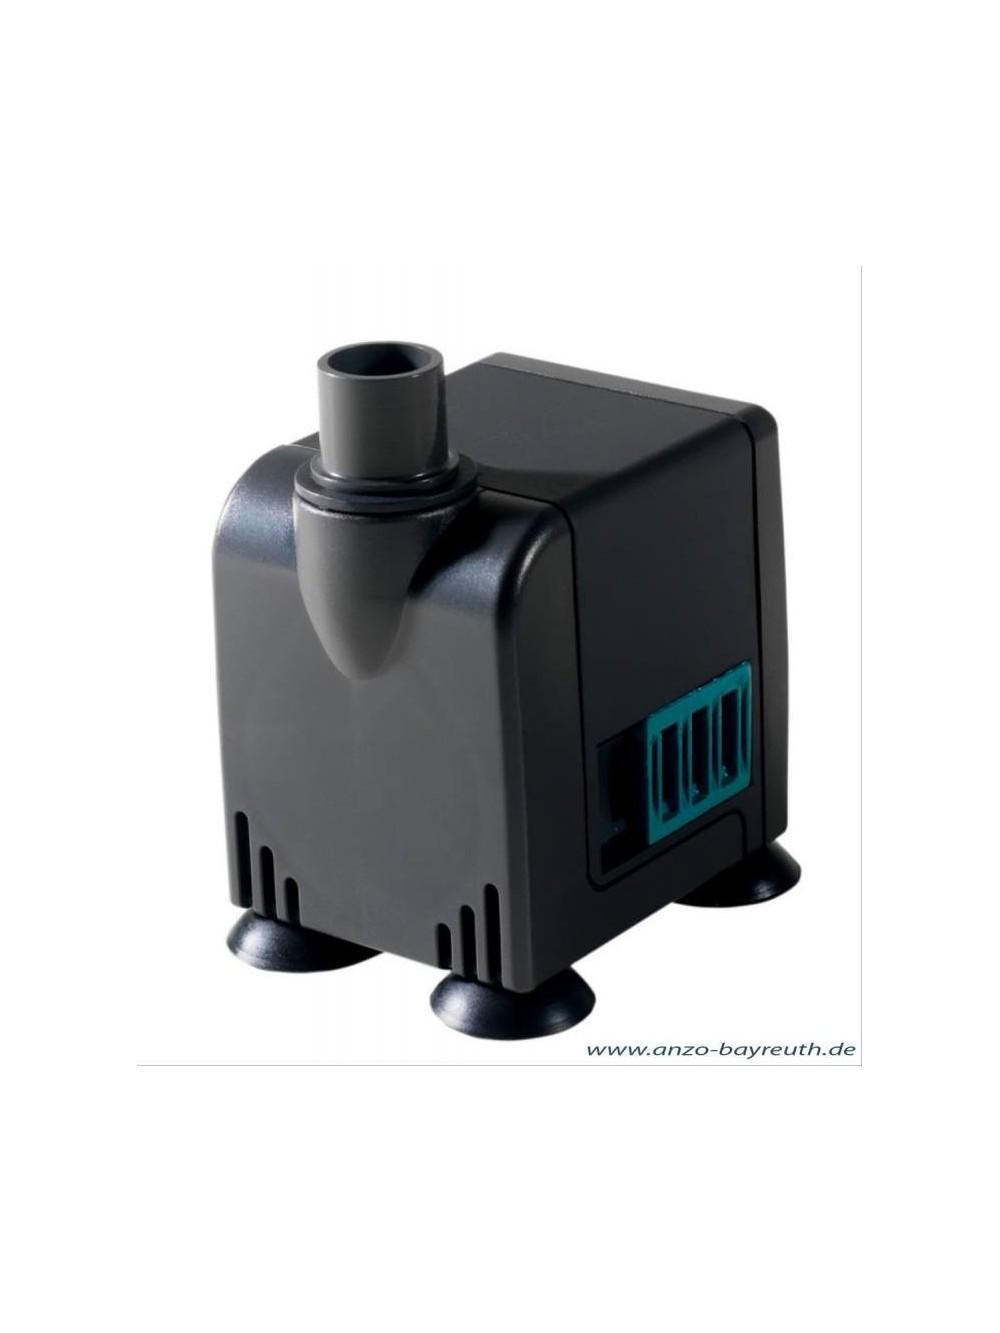 Newa micro mc320 pompa per acquari aquazoomania shop for Pompa sifone per acquari